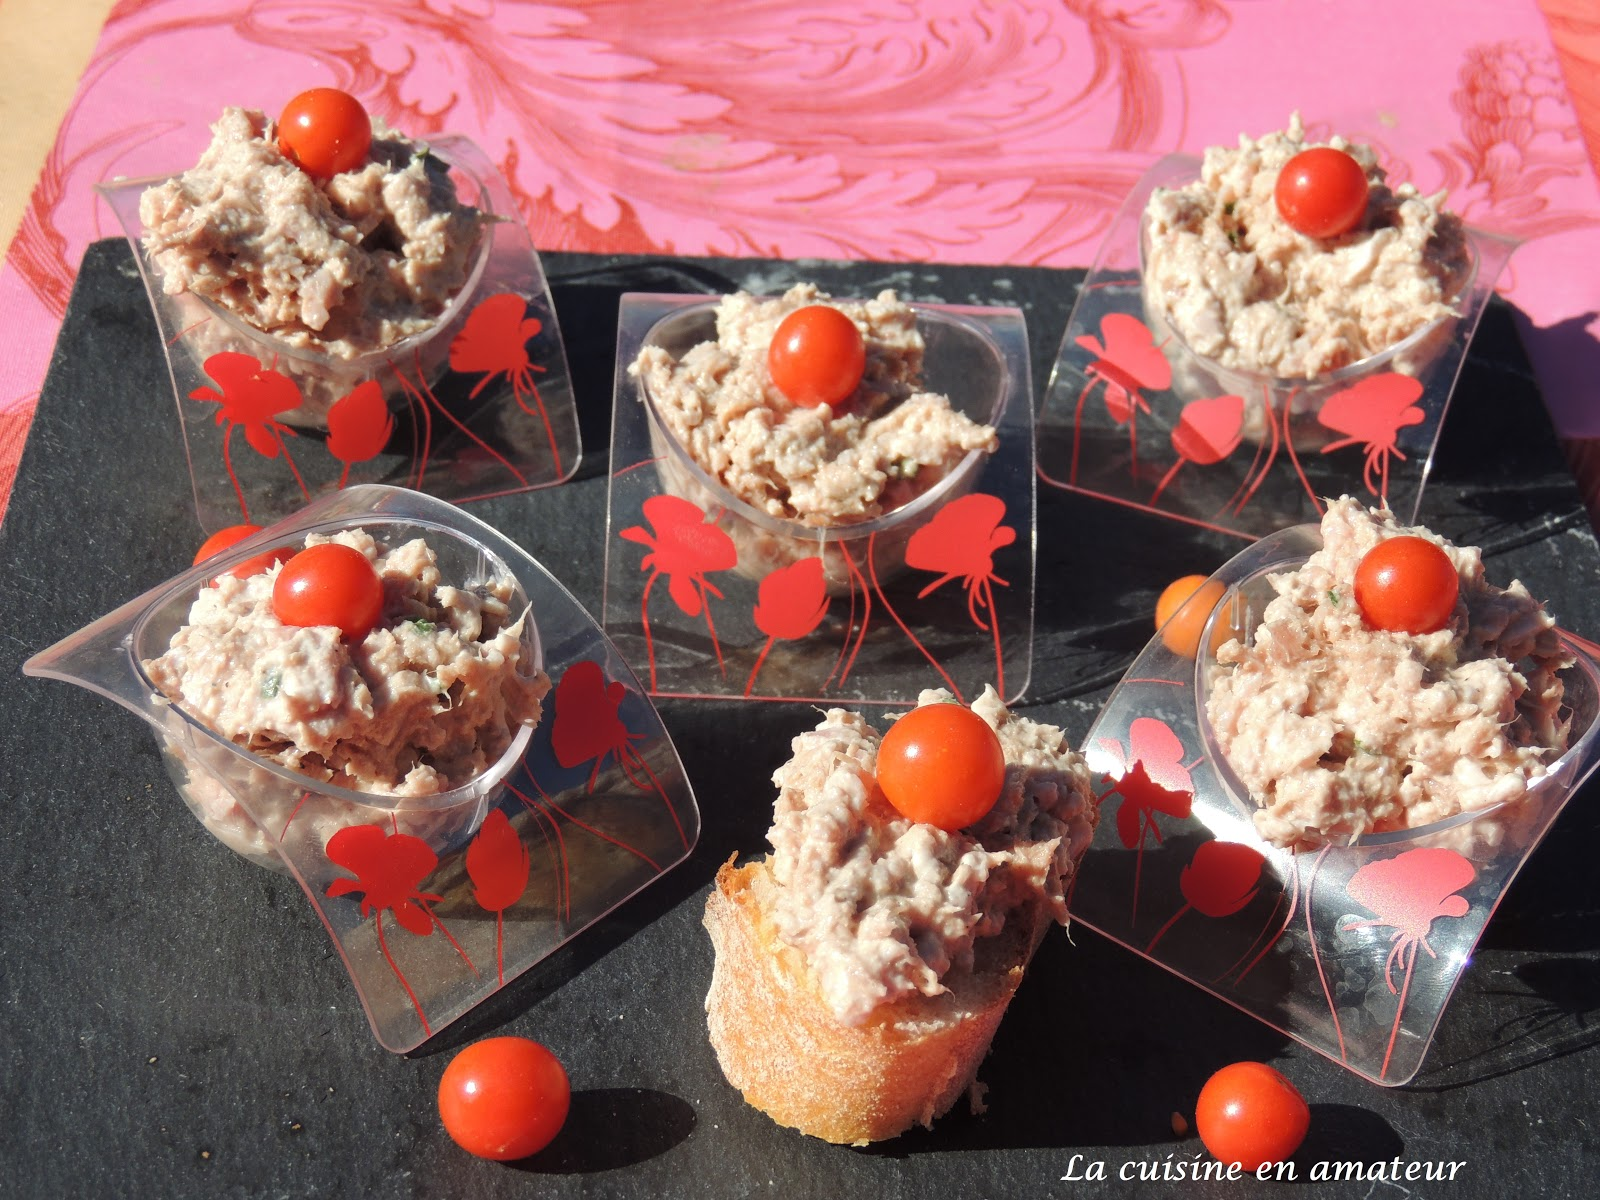 la cuisine en amateur de maryline rillettes de thon et jambon. Black Bedroom Furniture Sets. Home Design Ideas